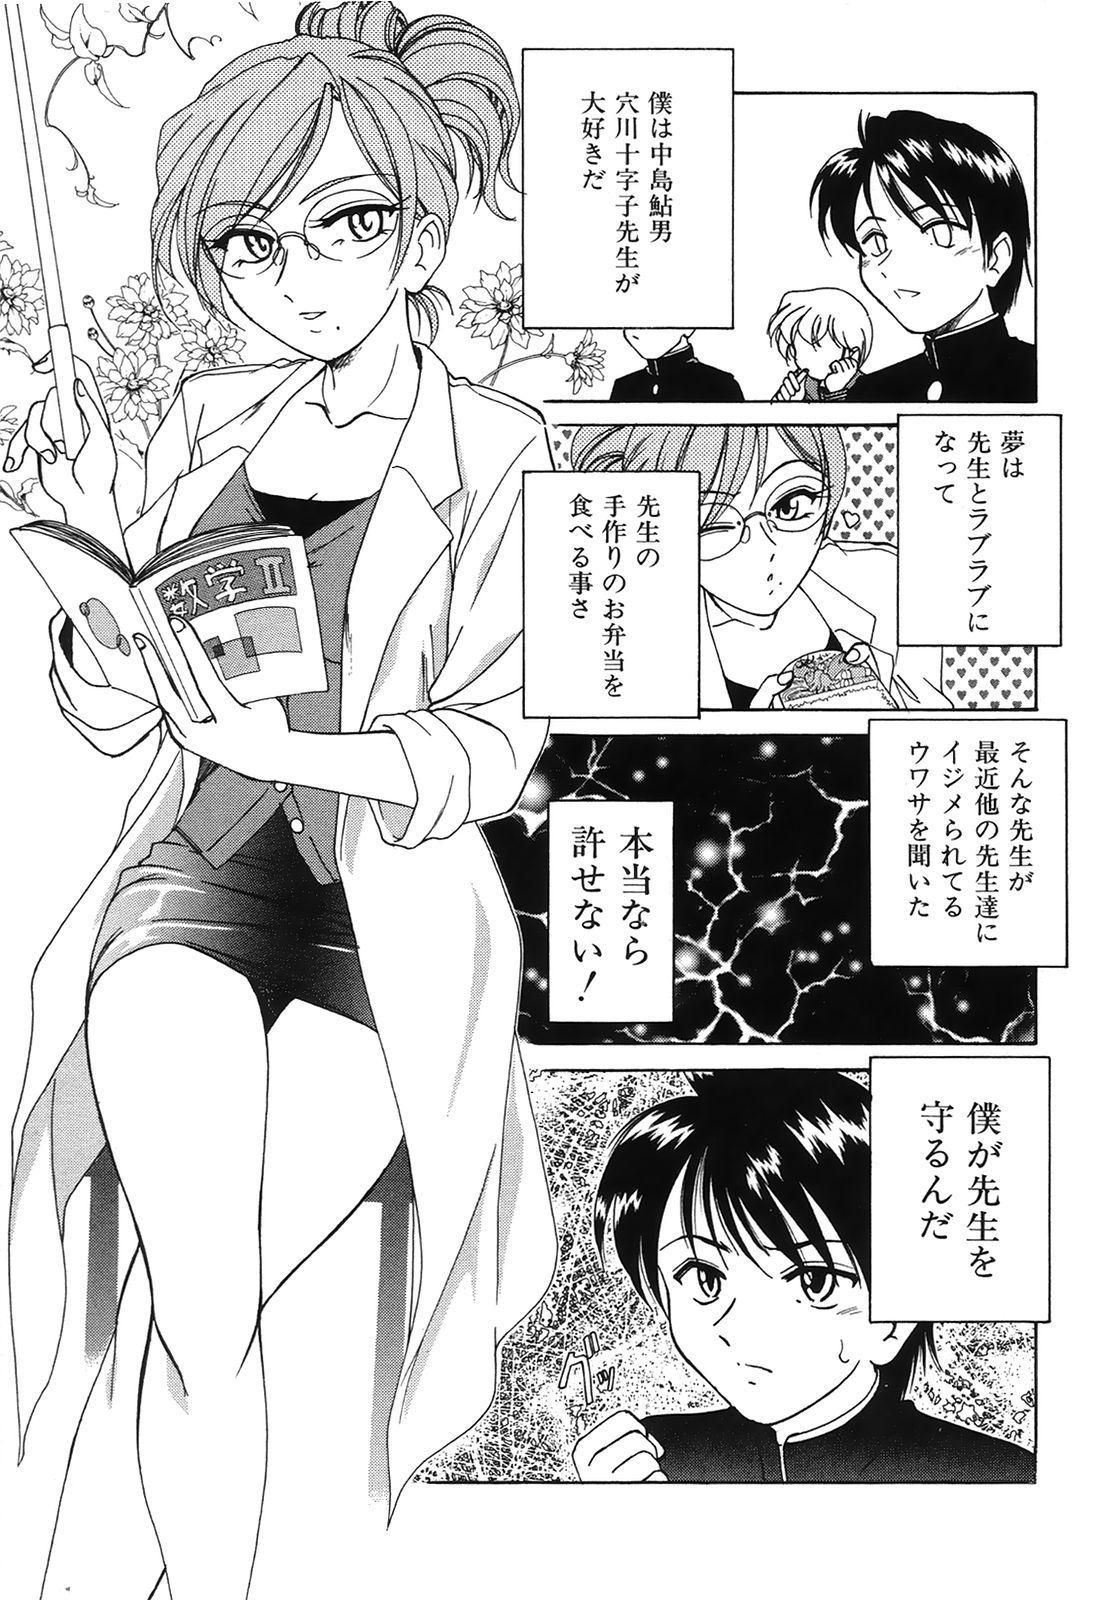 Omake No Musume 73